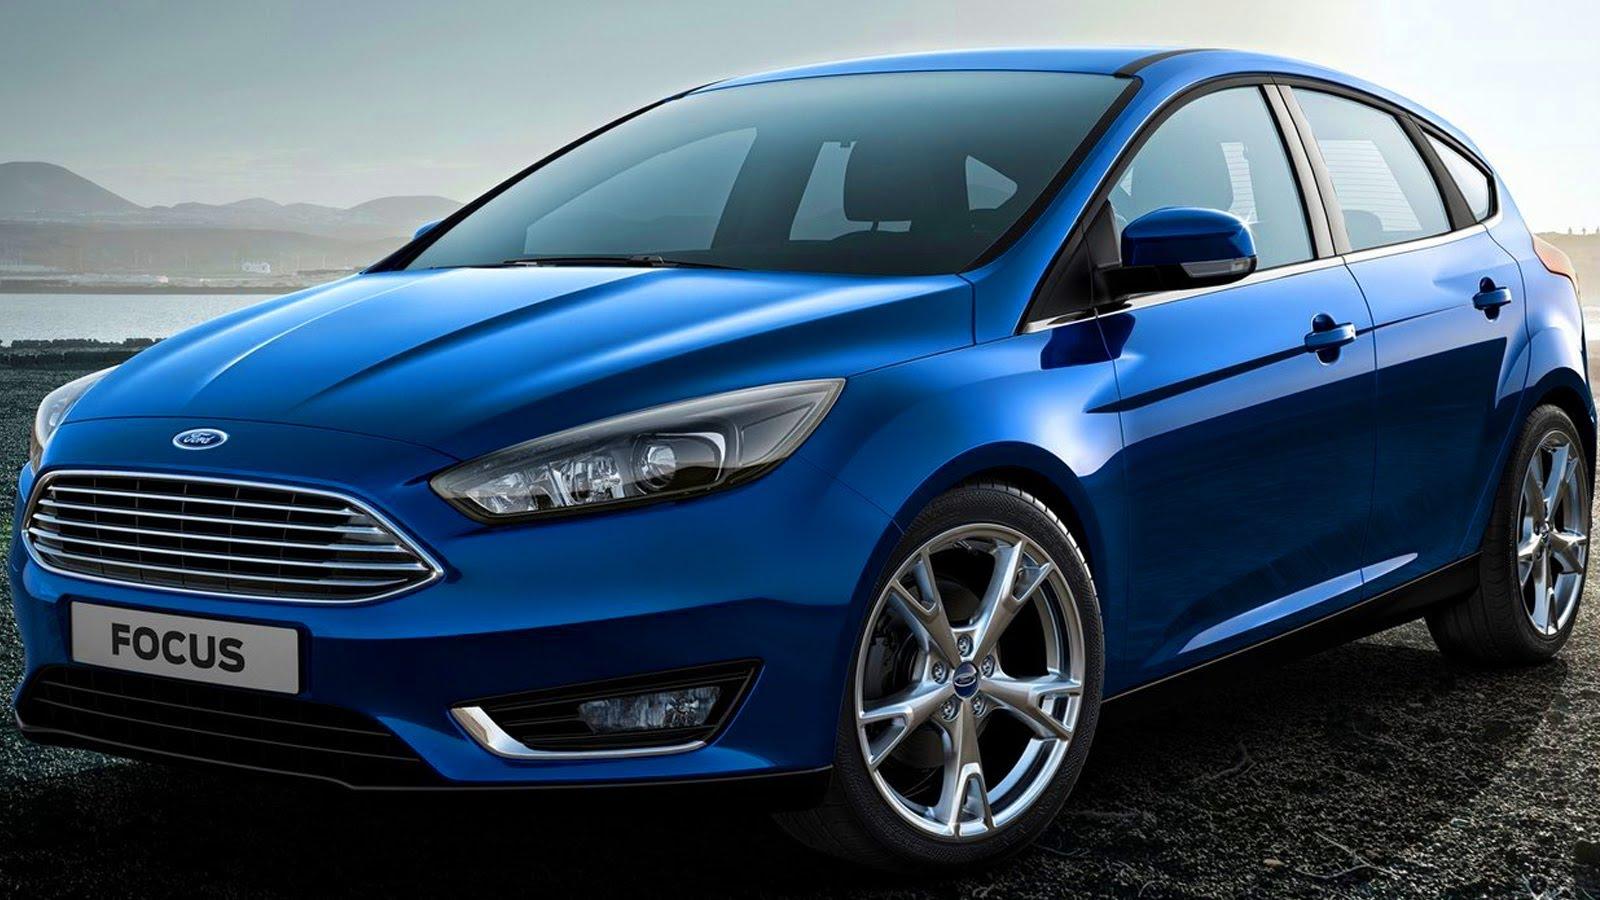 Обновленный Ford Focus получил детали от Mondeo